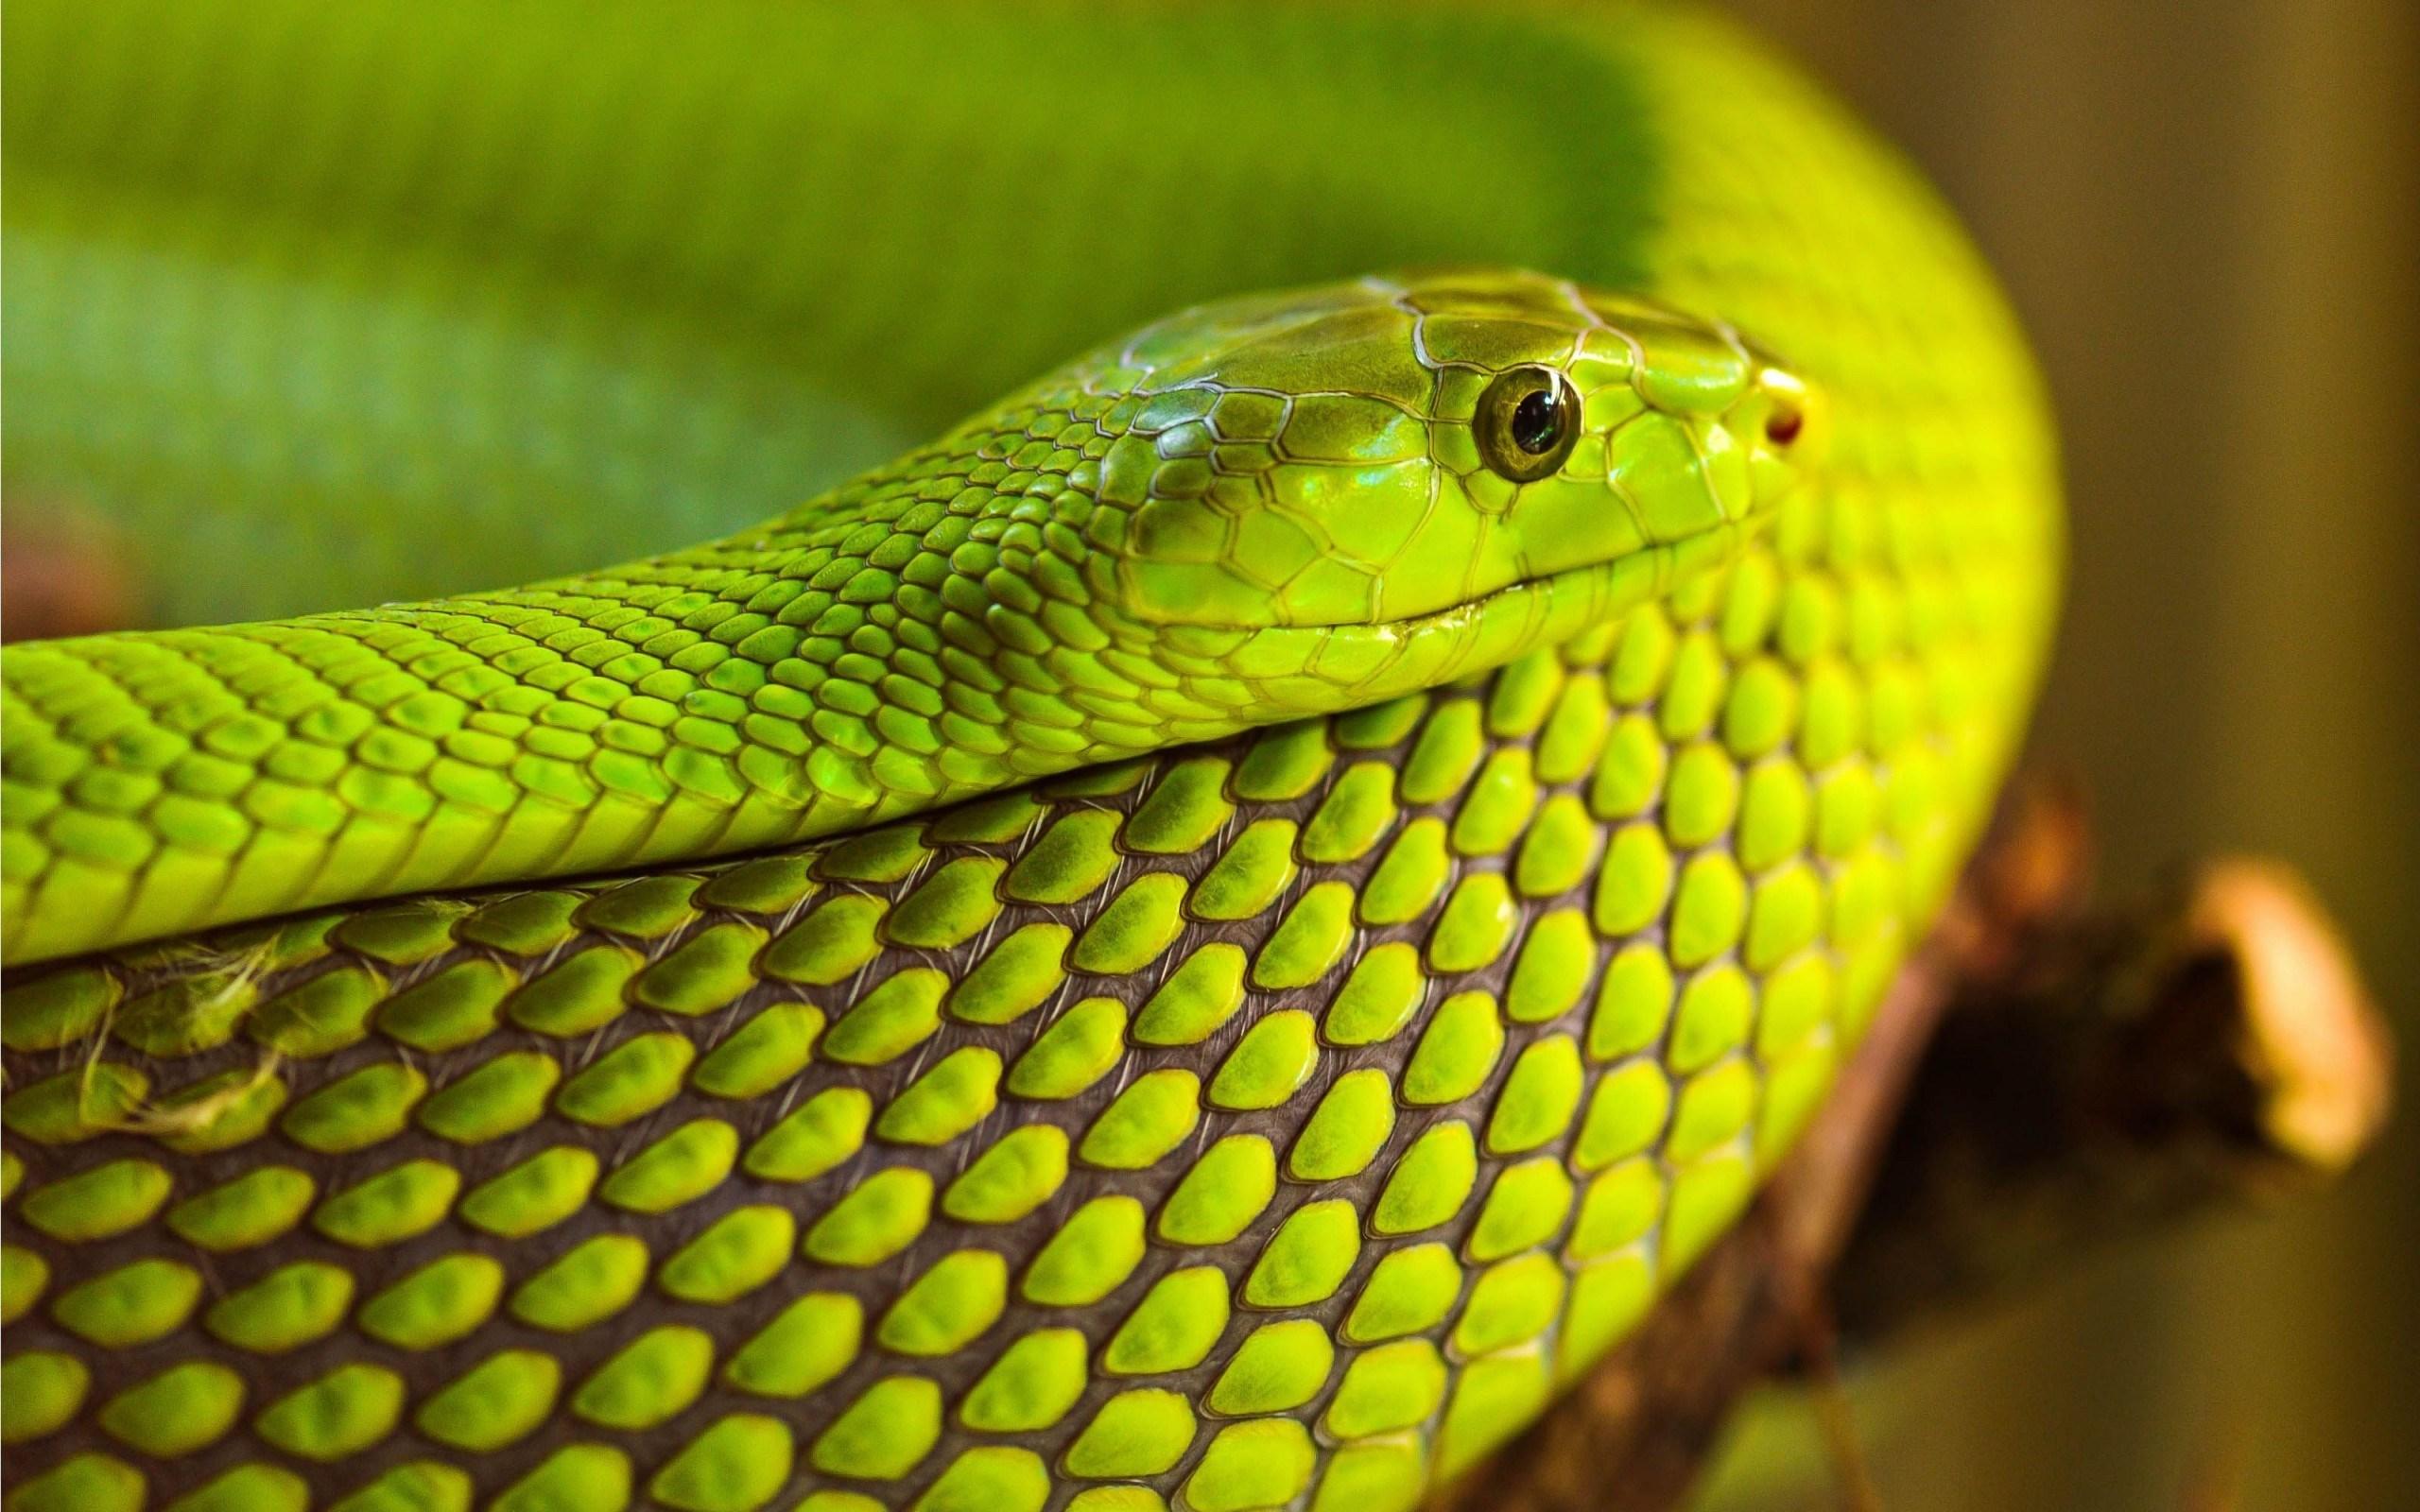 Snake Backgrounds HD Desktop Wallpapers 4k HD